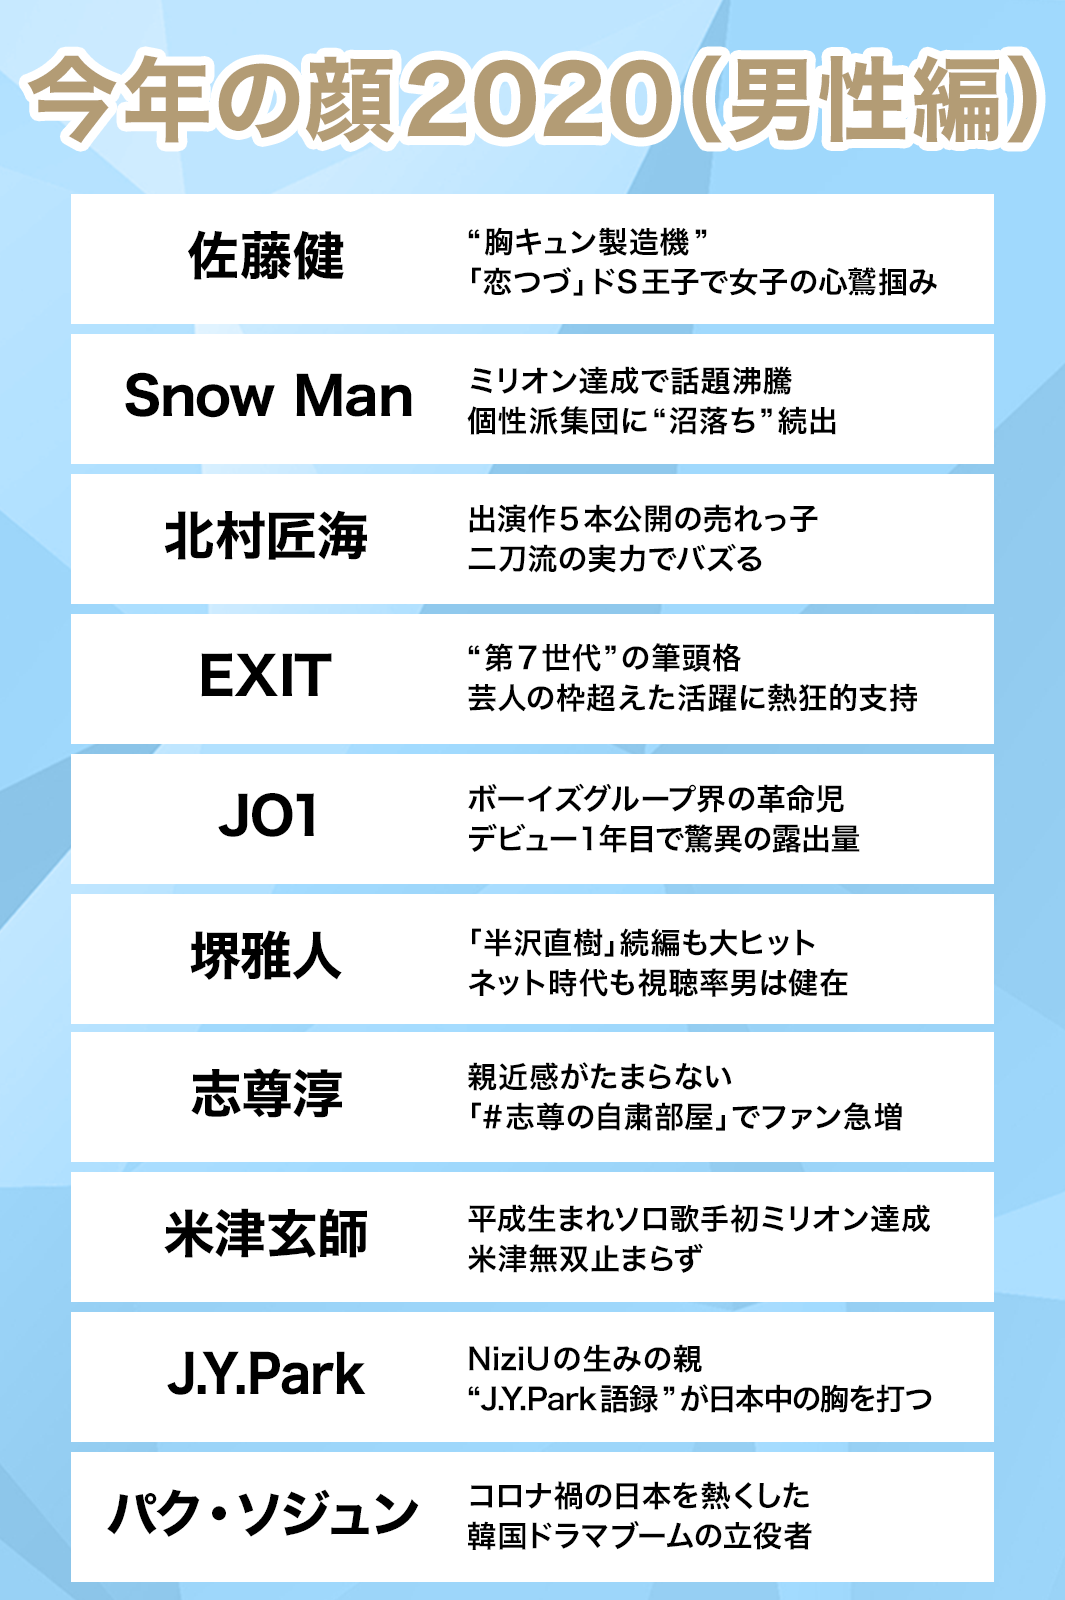 発表 snowman 重大